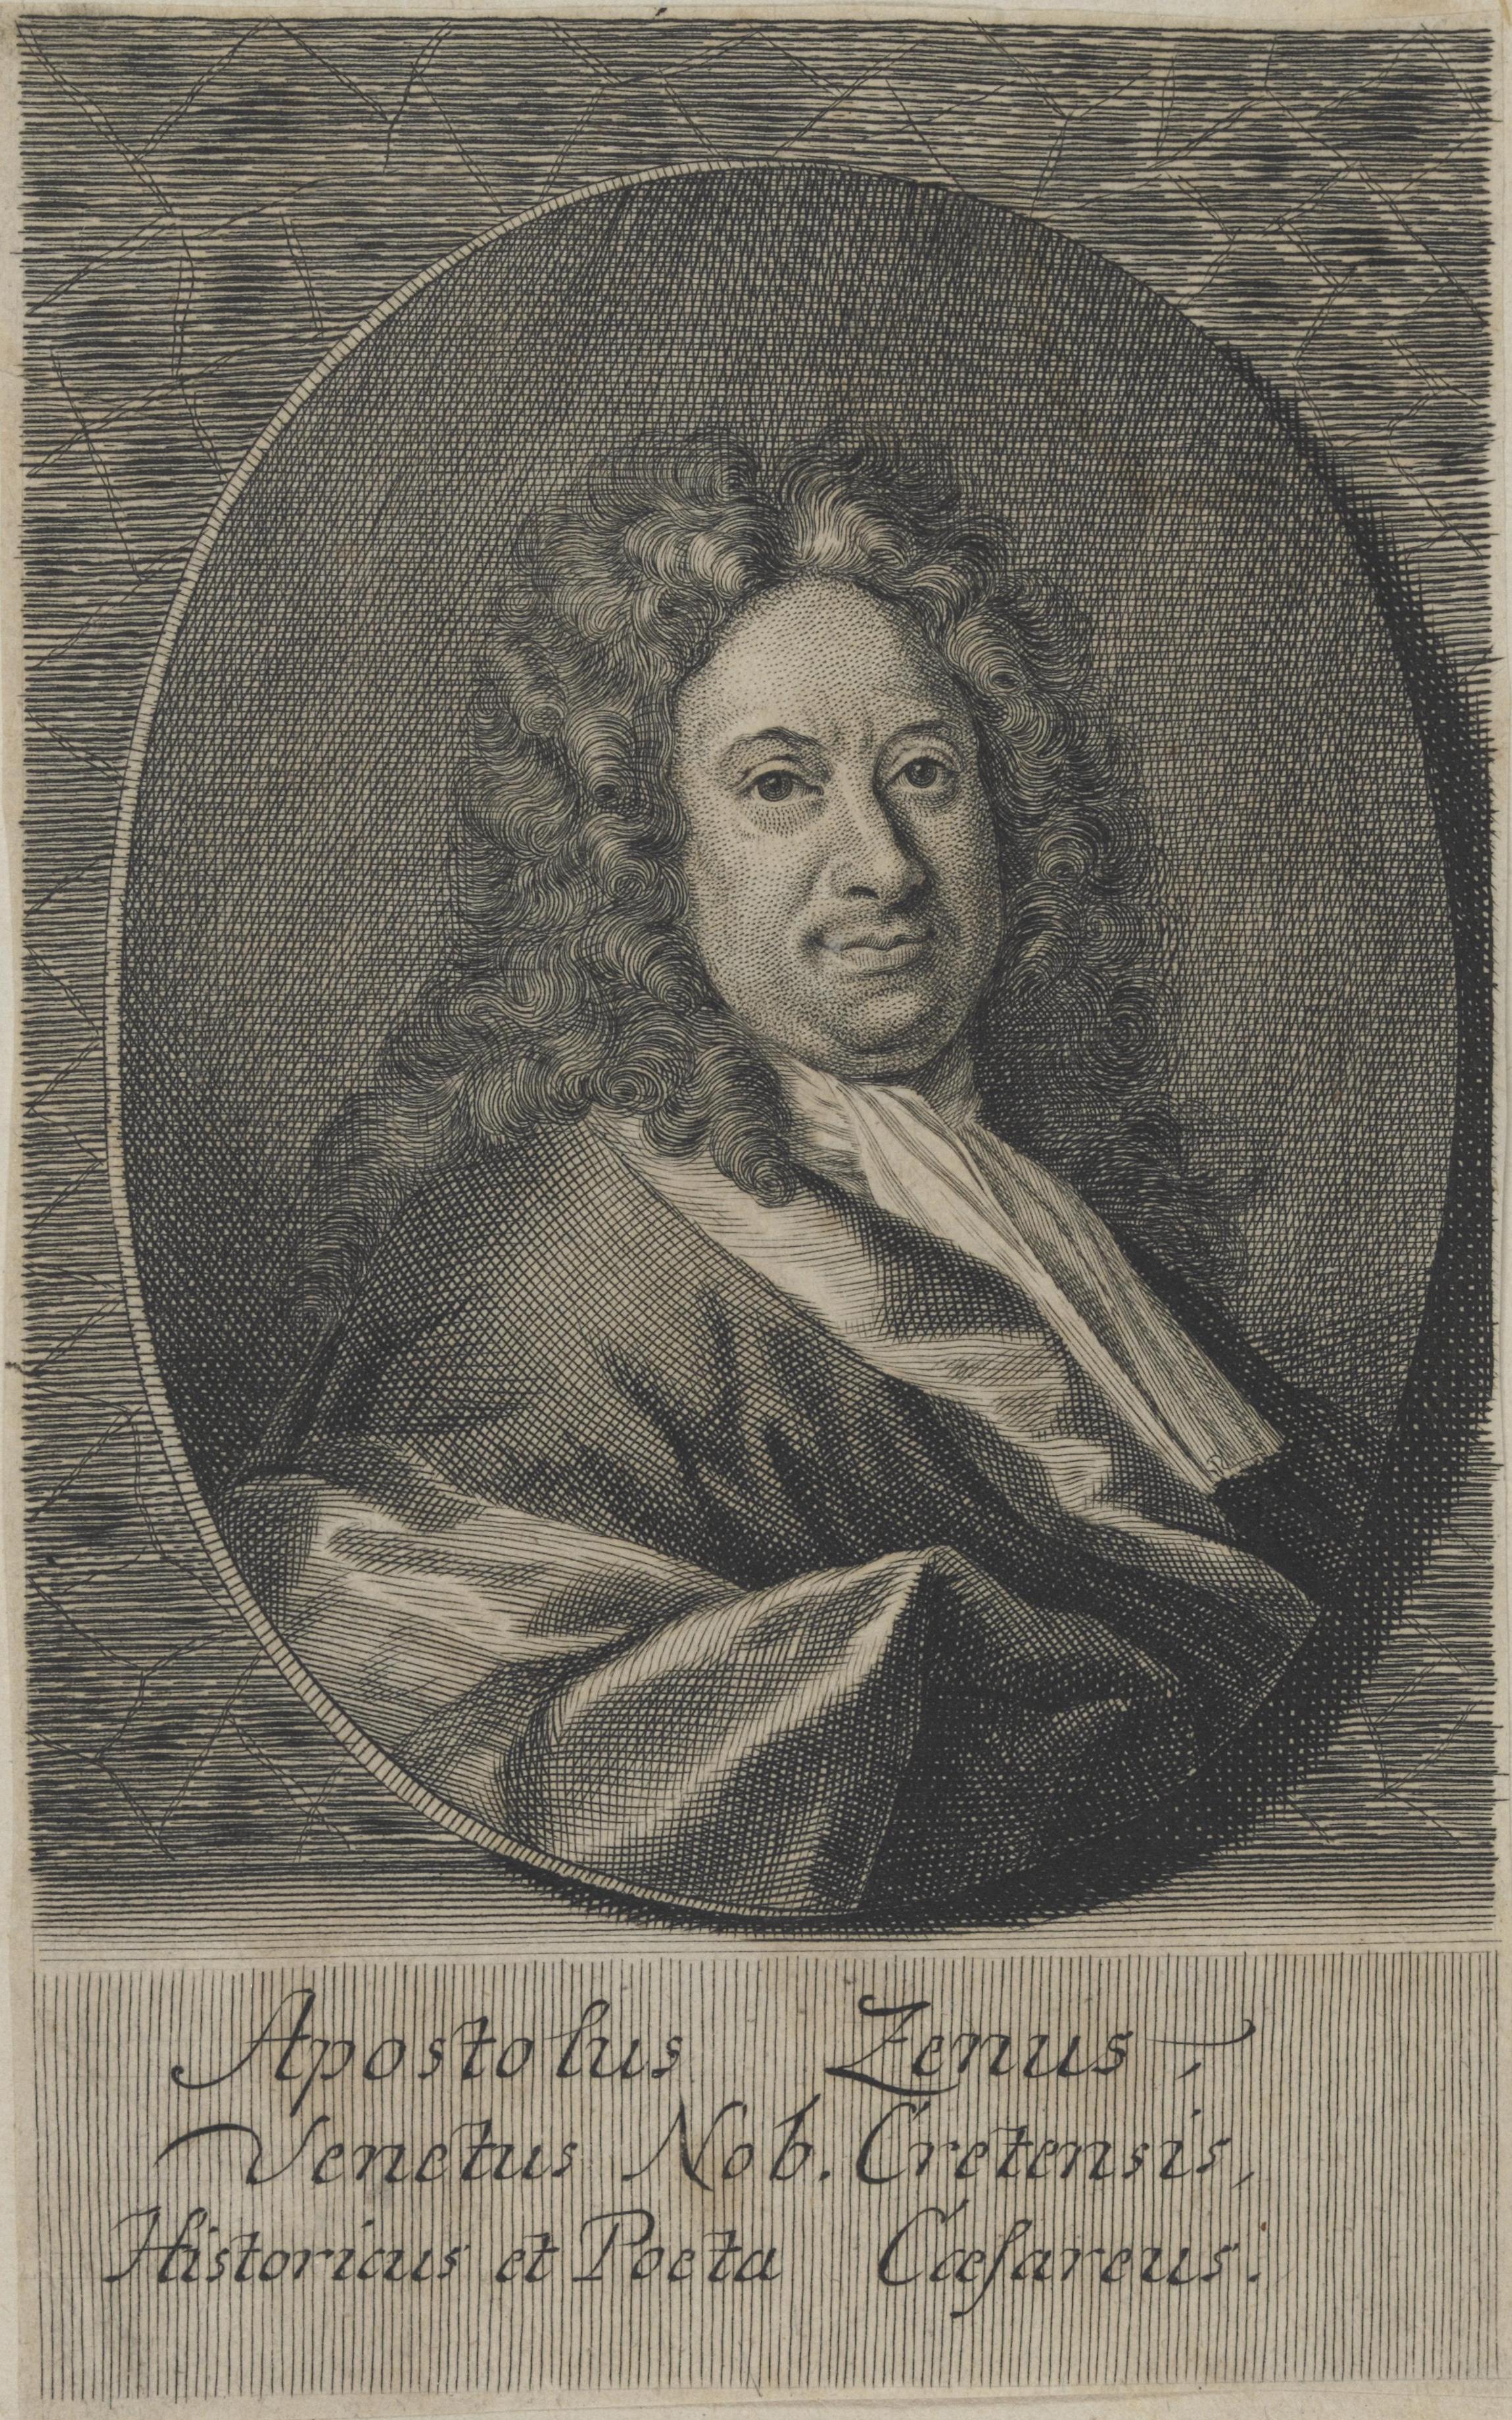 Apostolo Zeno